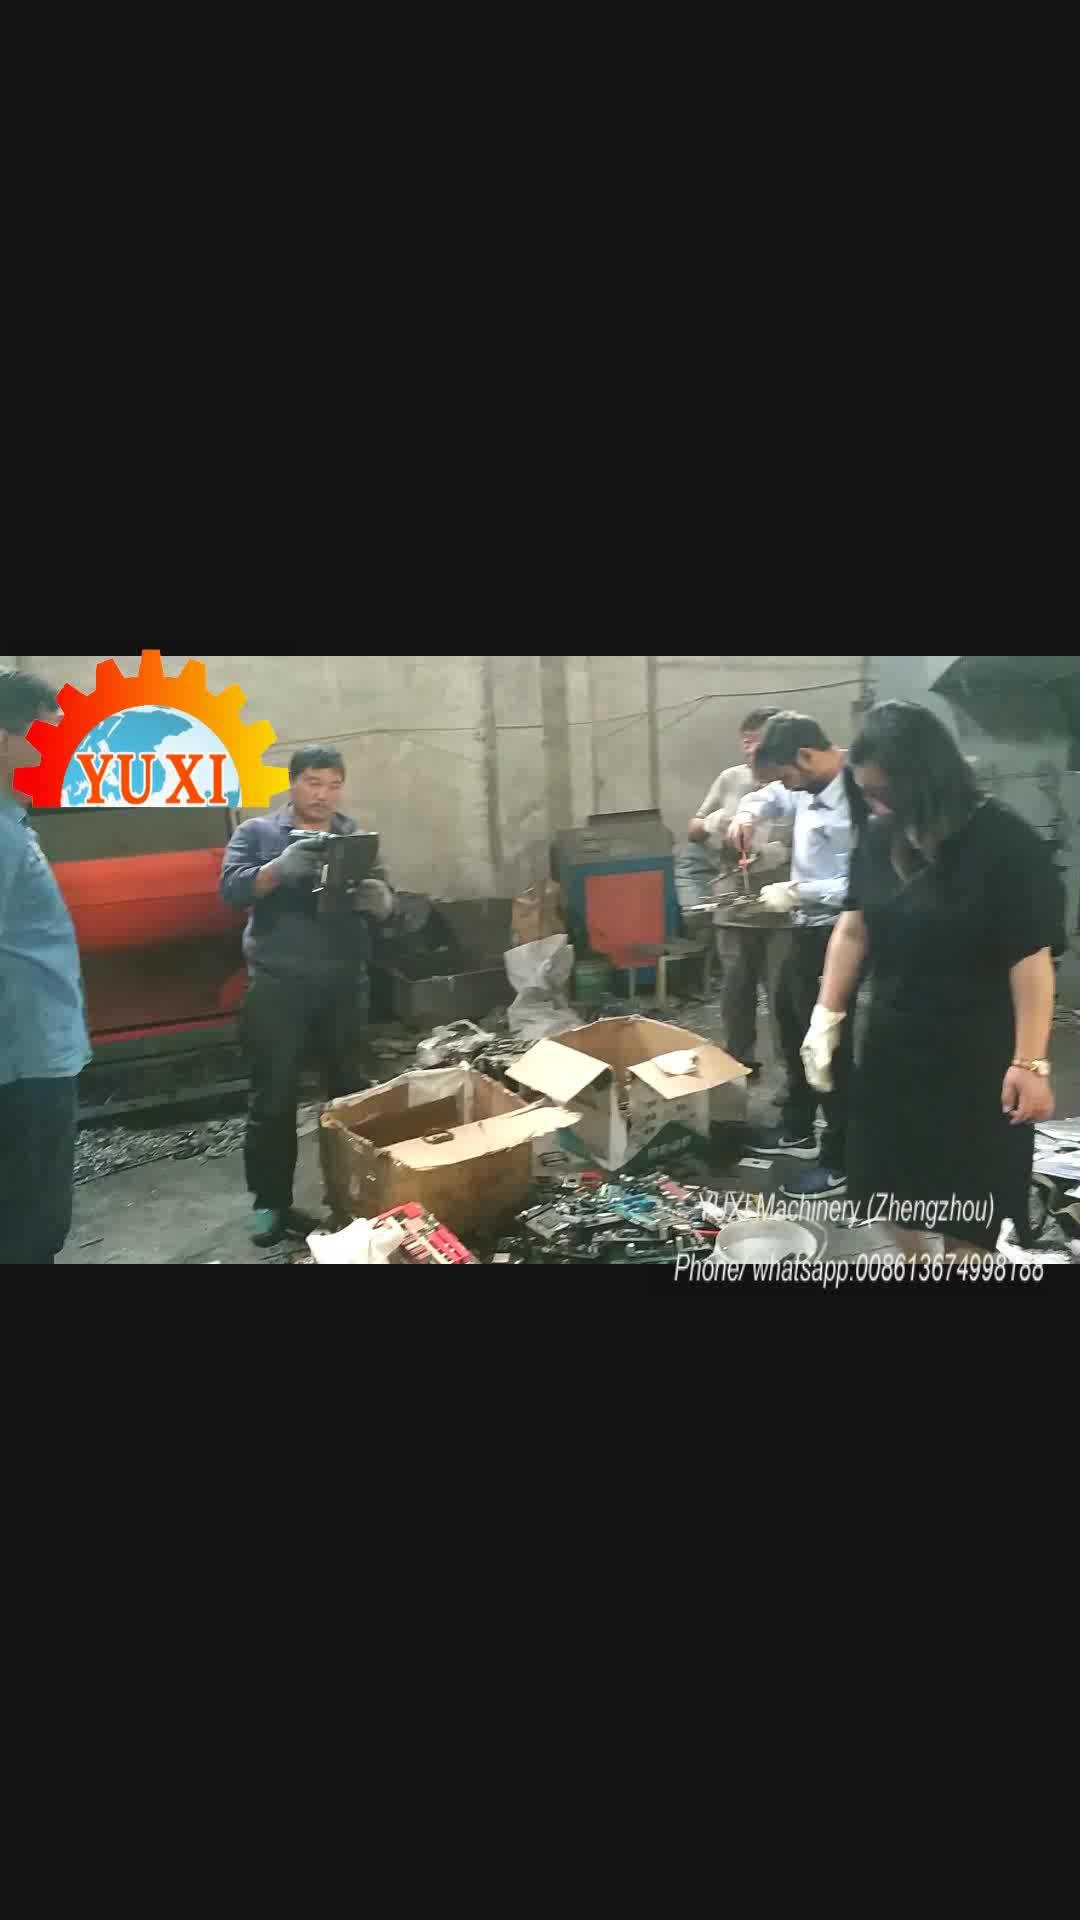 PCB altın kurtarma makineleri elektronik geri dönüşüm tesisi hurda E atık geri dönüşüm makinesi